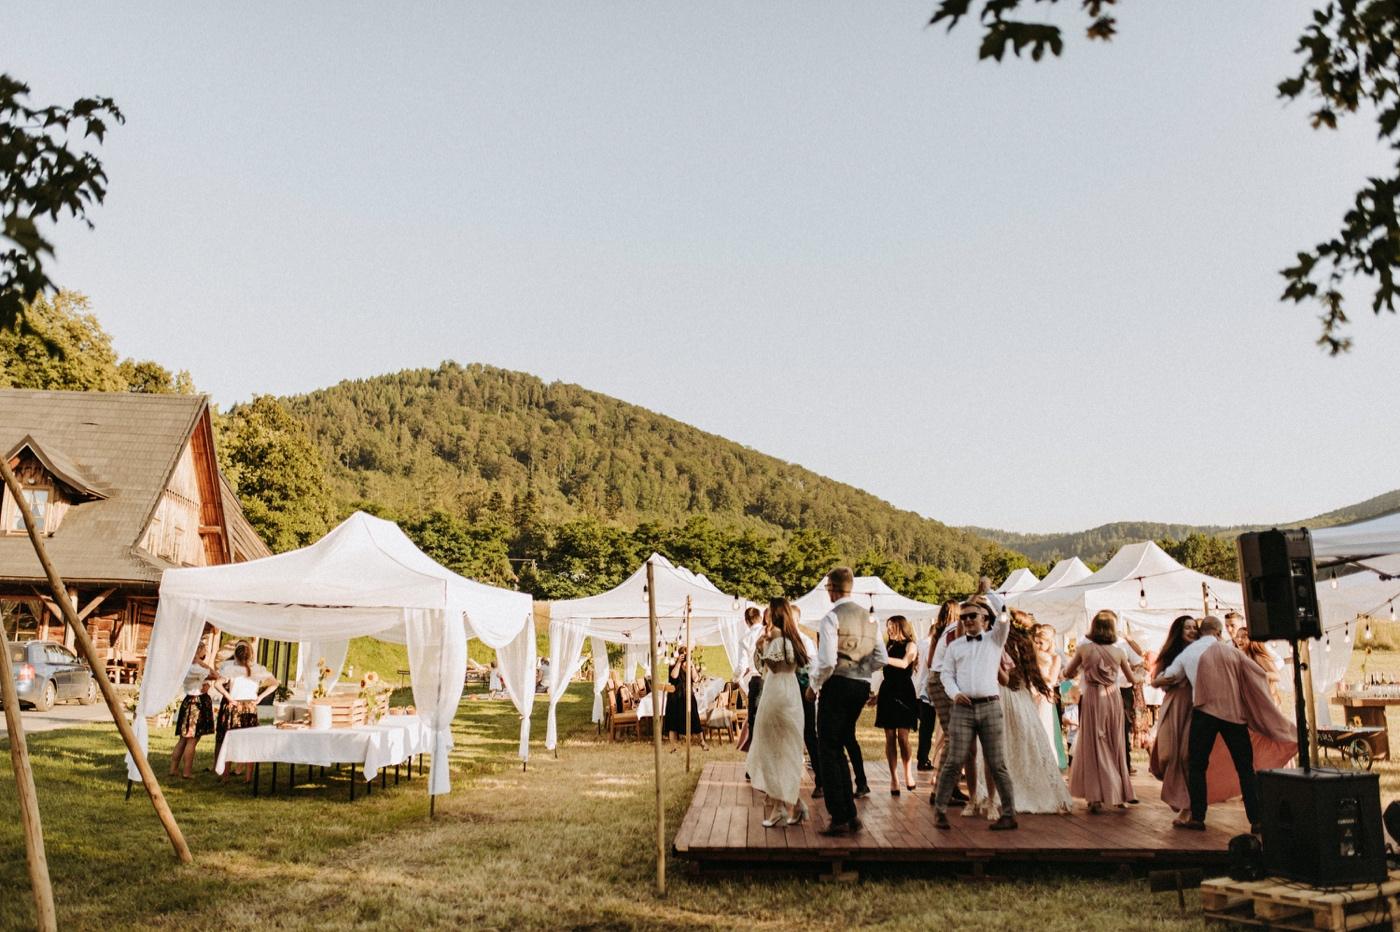 wesele pod namiotami w górach jaworze nałęże